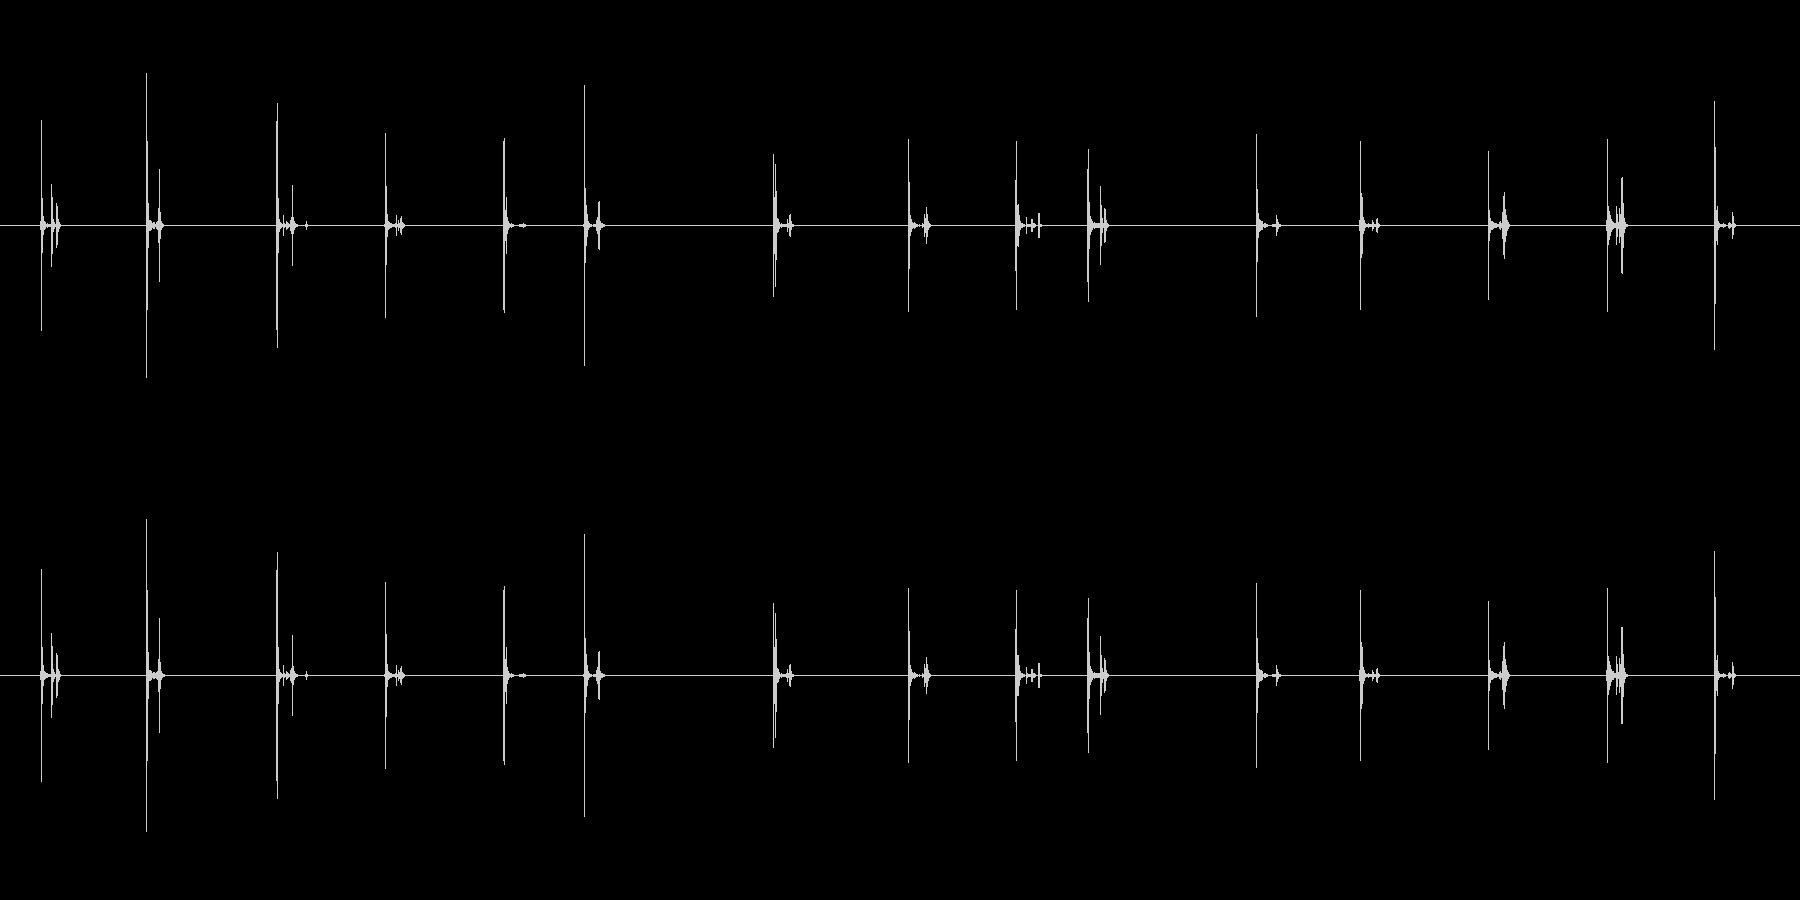 【PC キーボード01-テンキー1】の未再生の波形